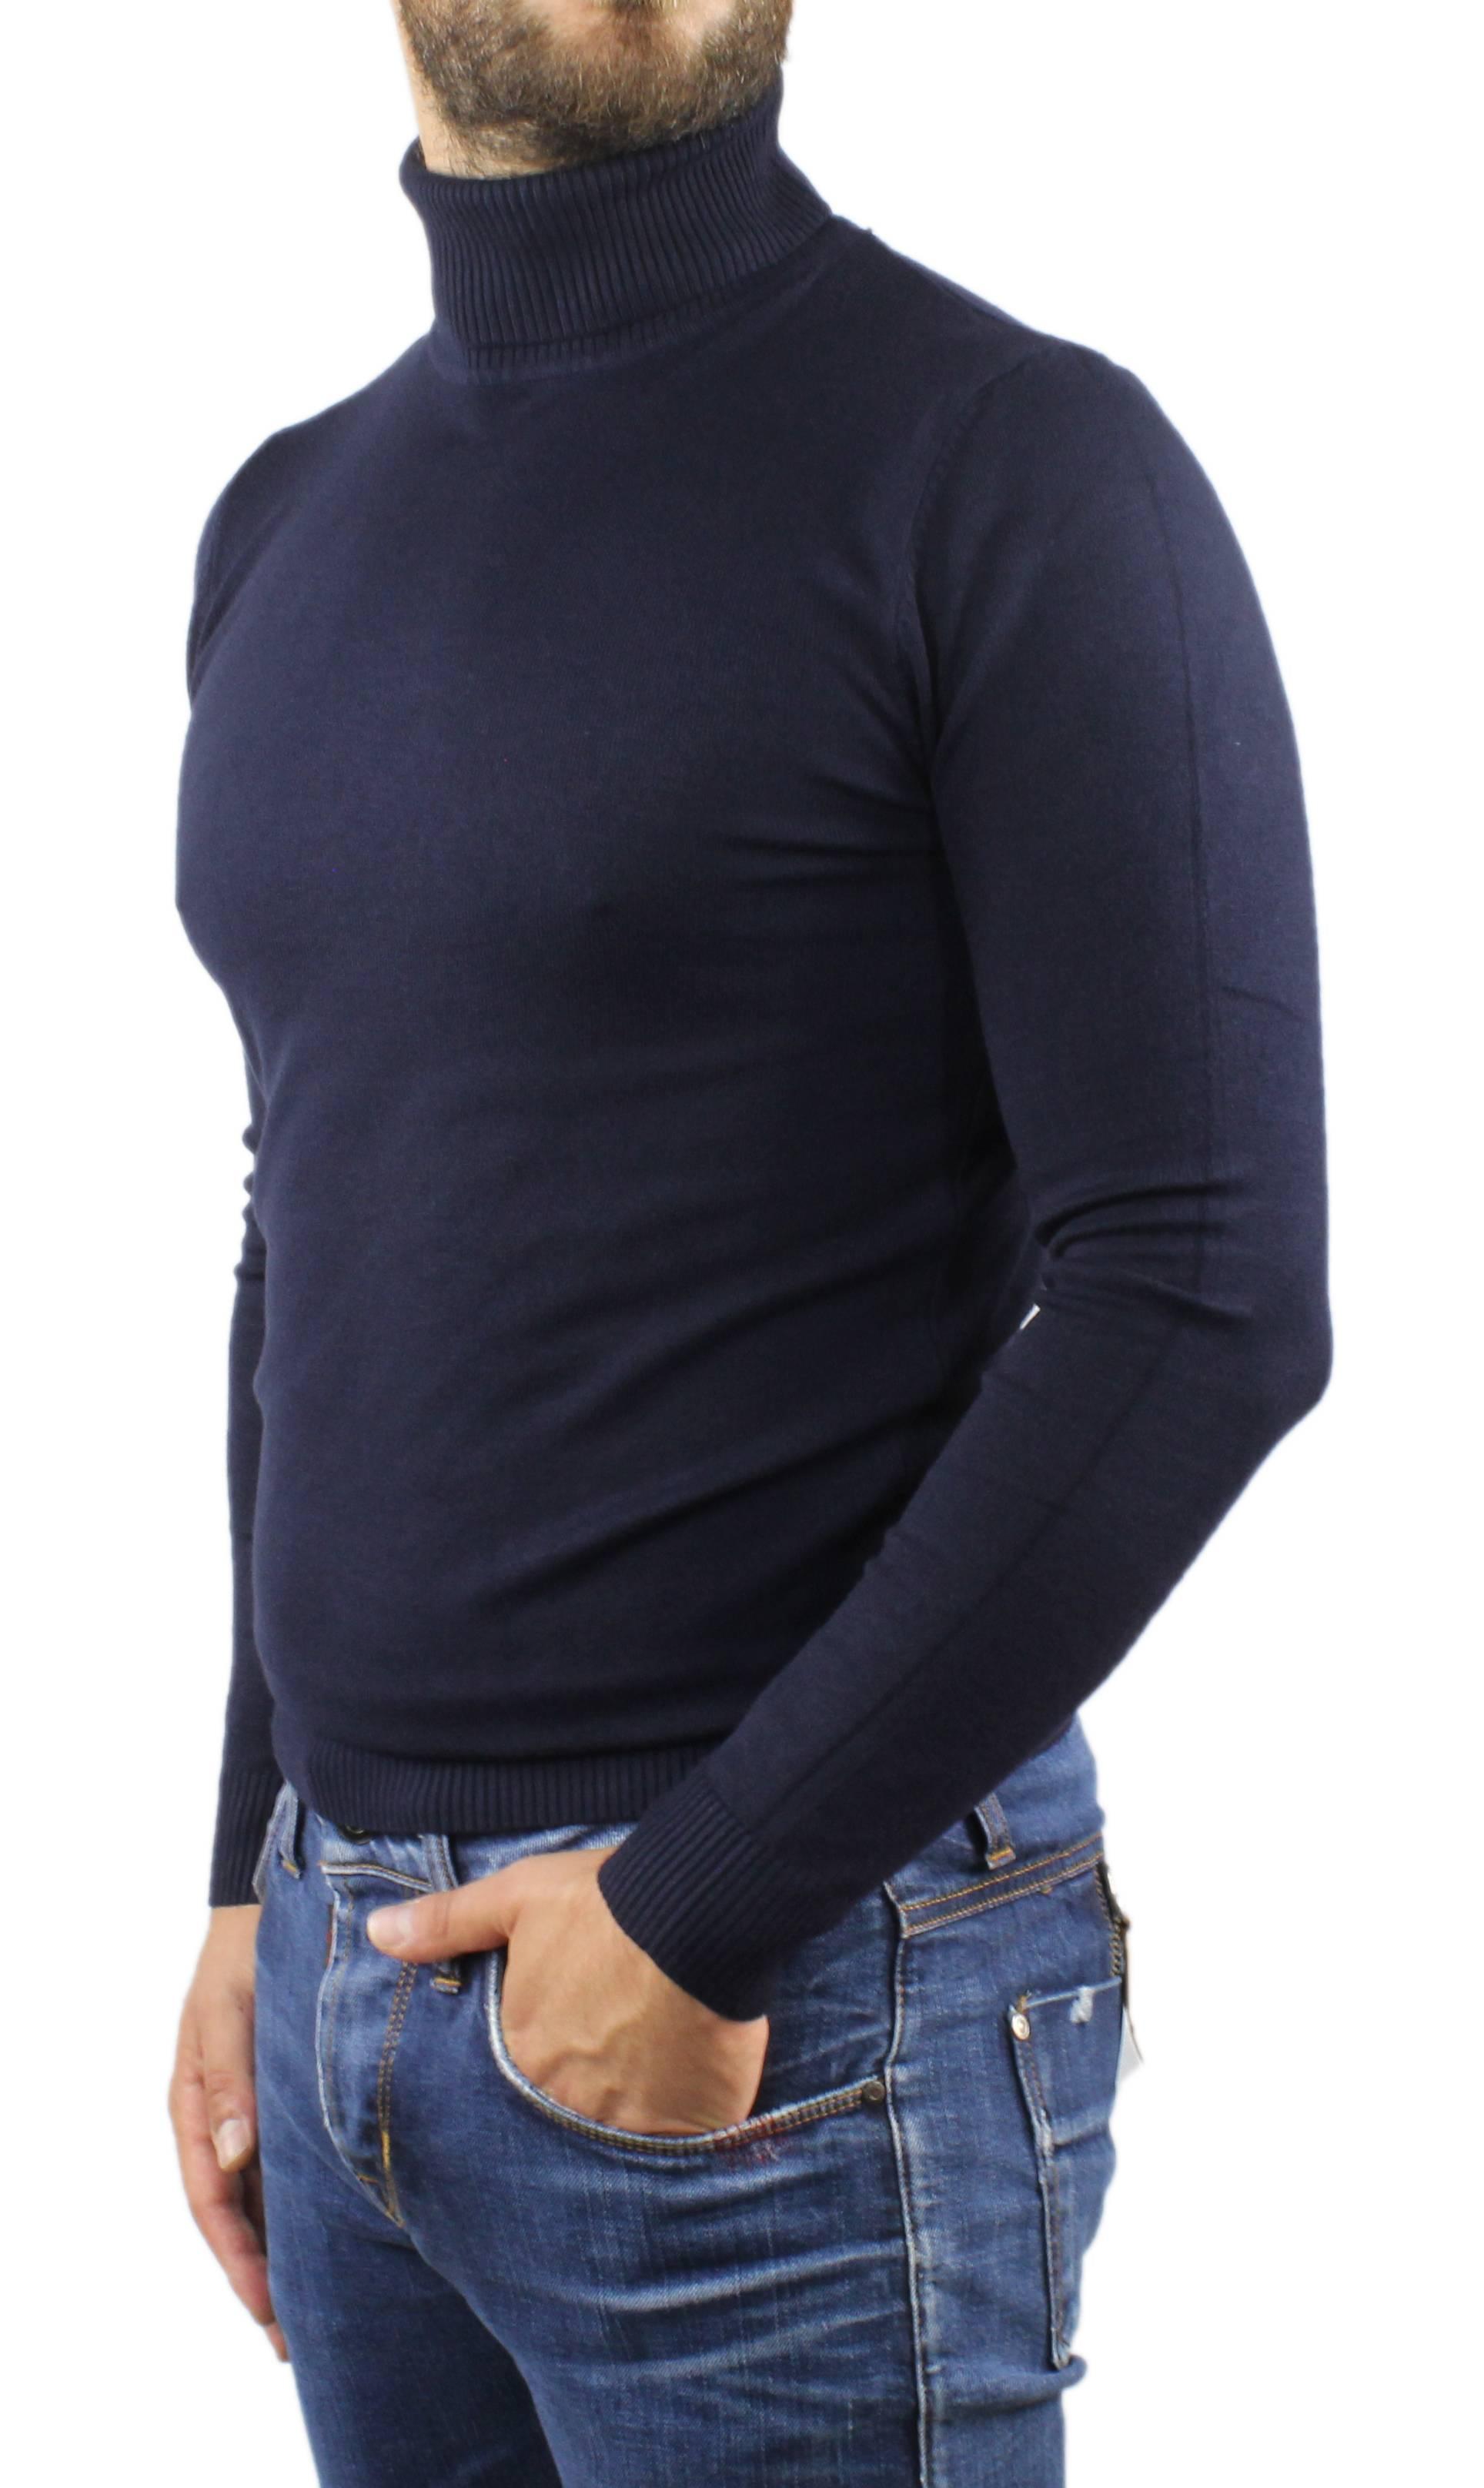 Maglione-Uomo-Collo-Alto-Dolcevita-Maglia-Blu-Nero-Bordo-Lupetto-Maglioncino miniatura 6